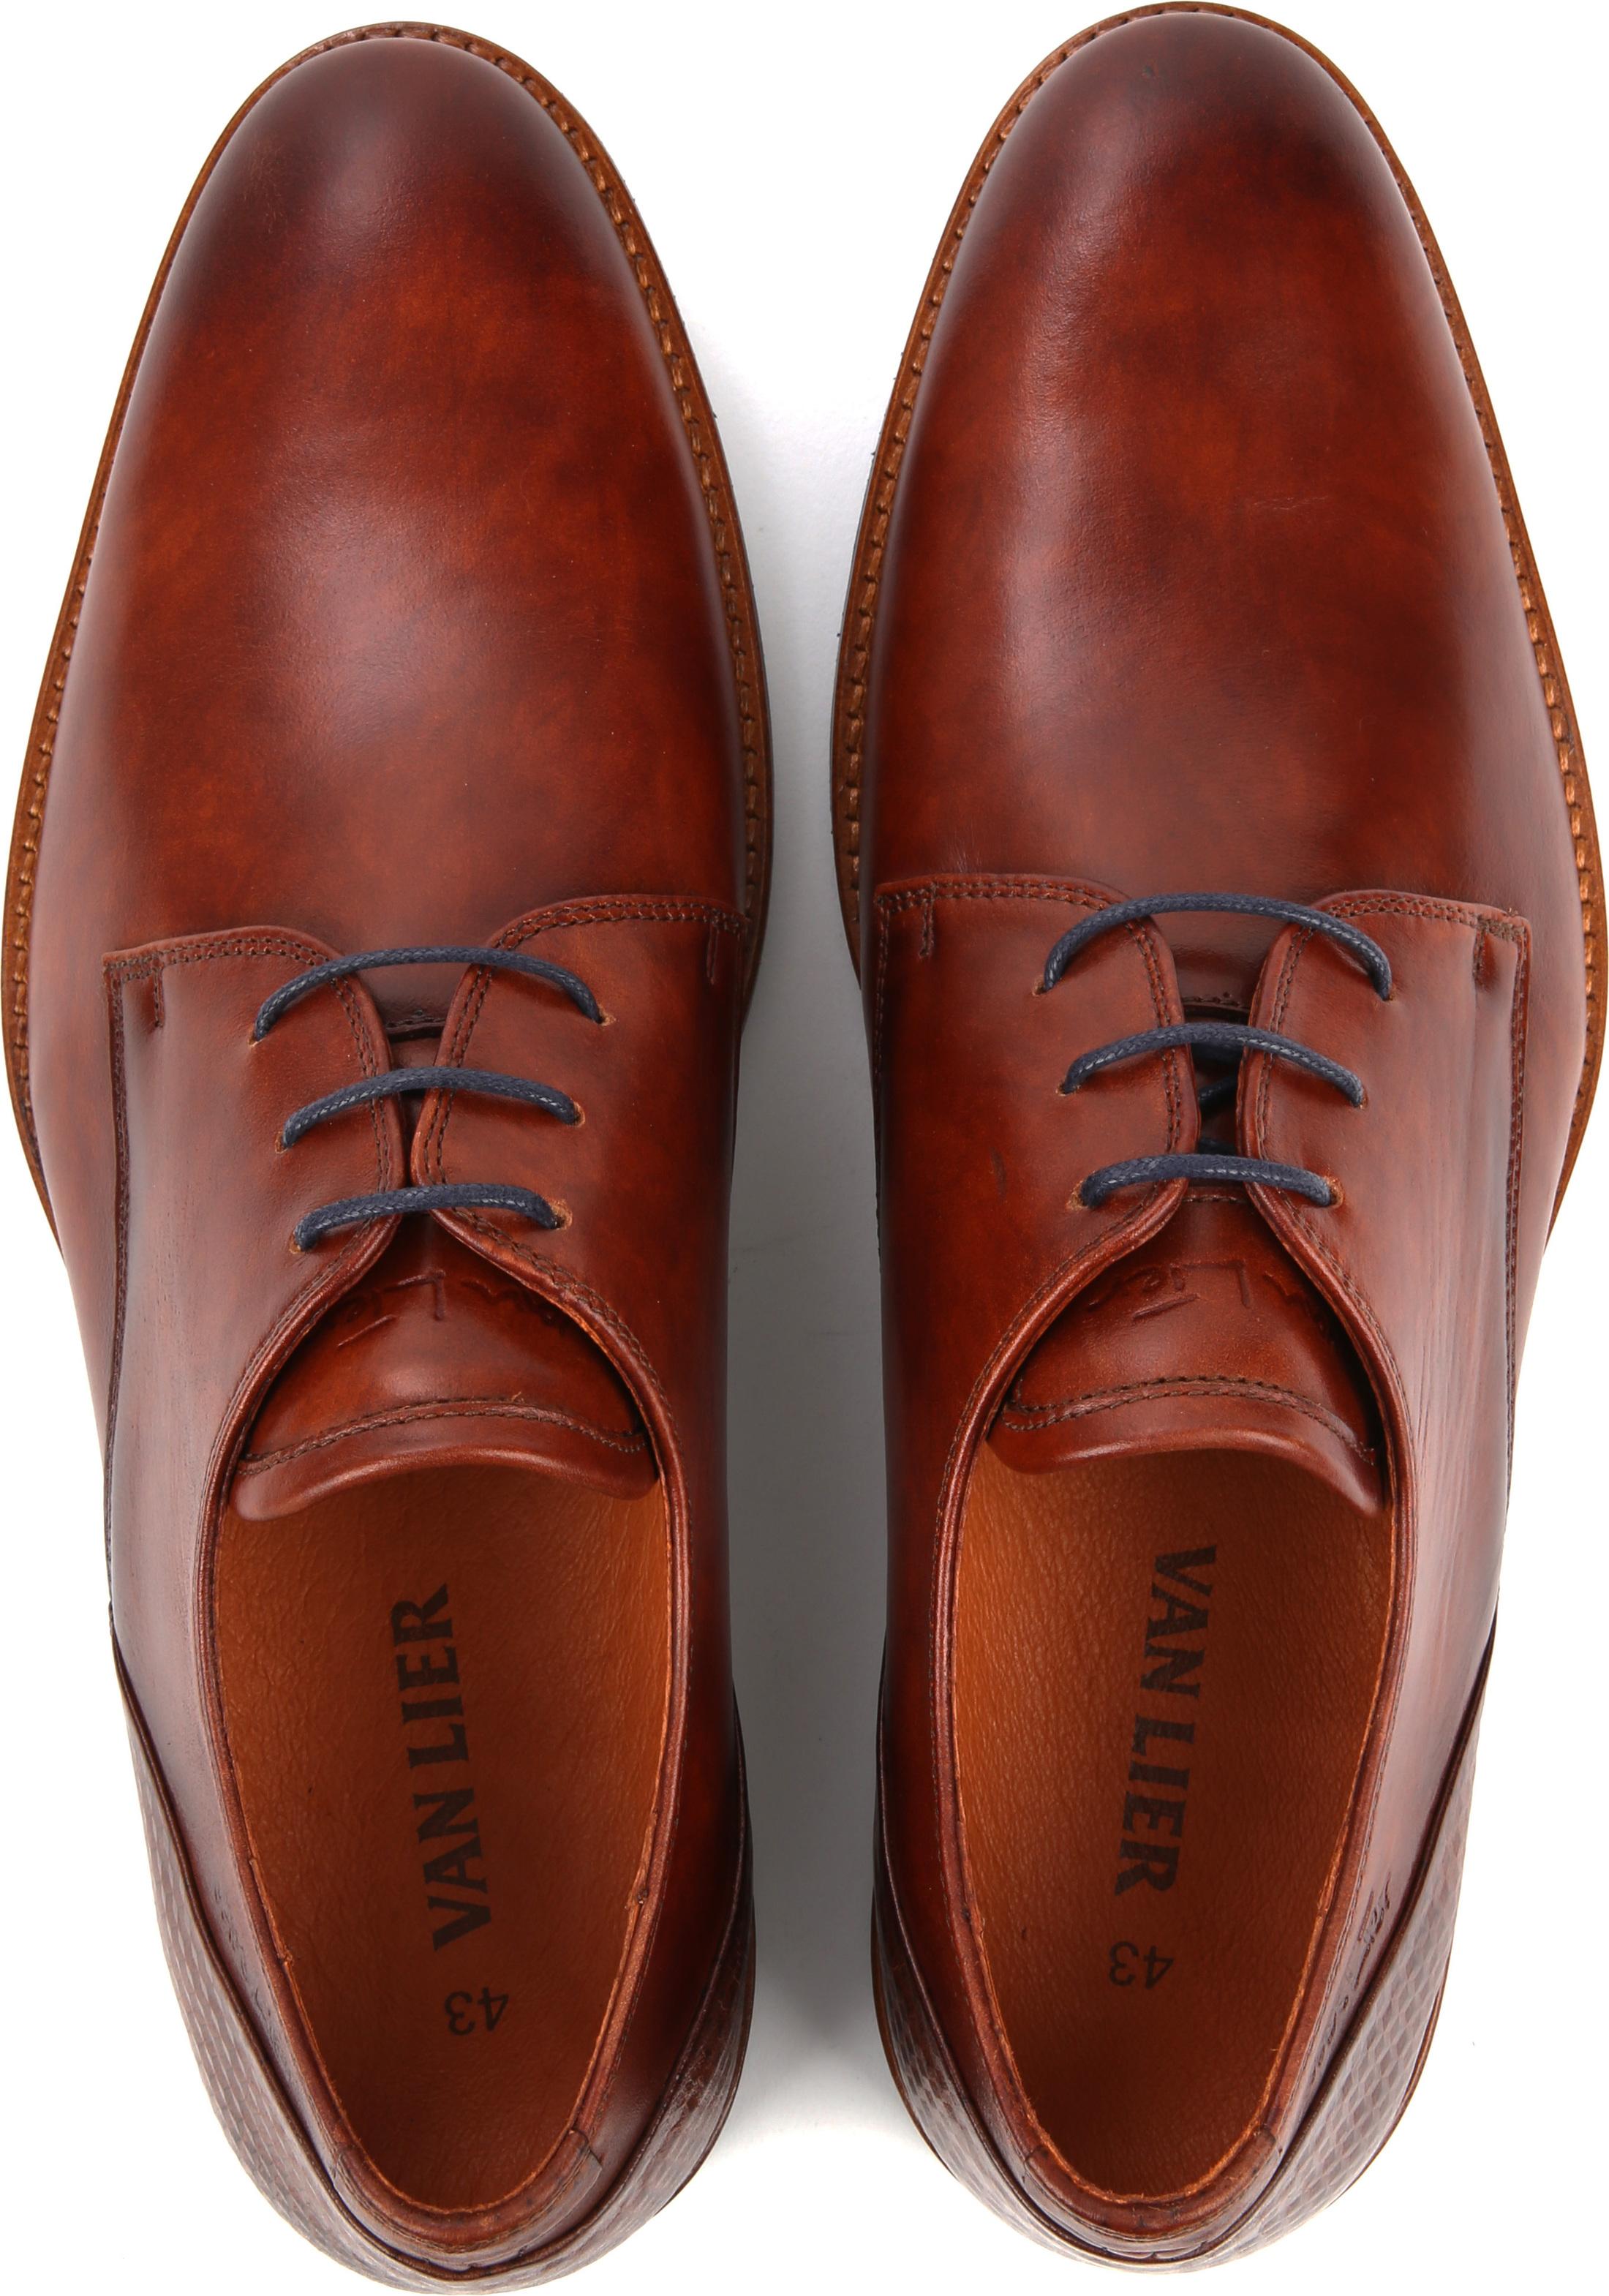 Van Lier Dress Shoes Nubuck Combi Cognac foto 4